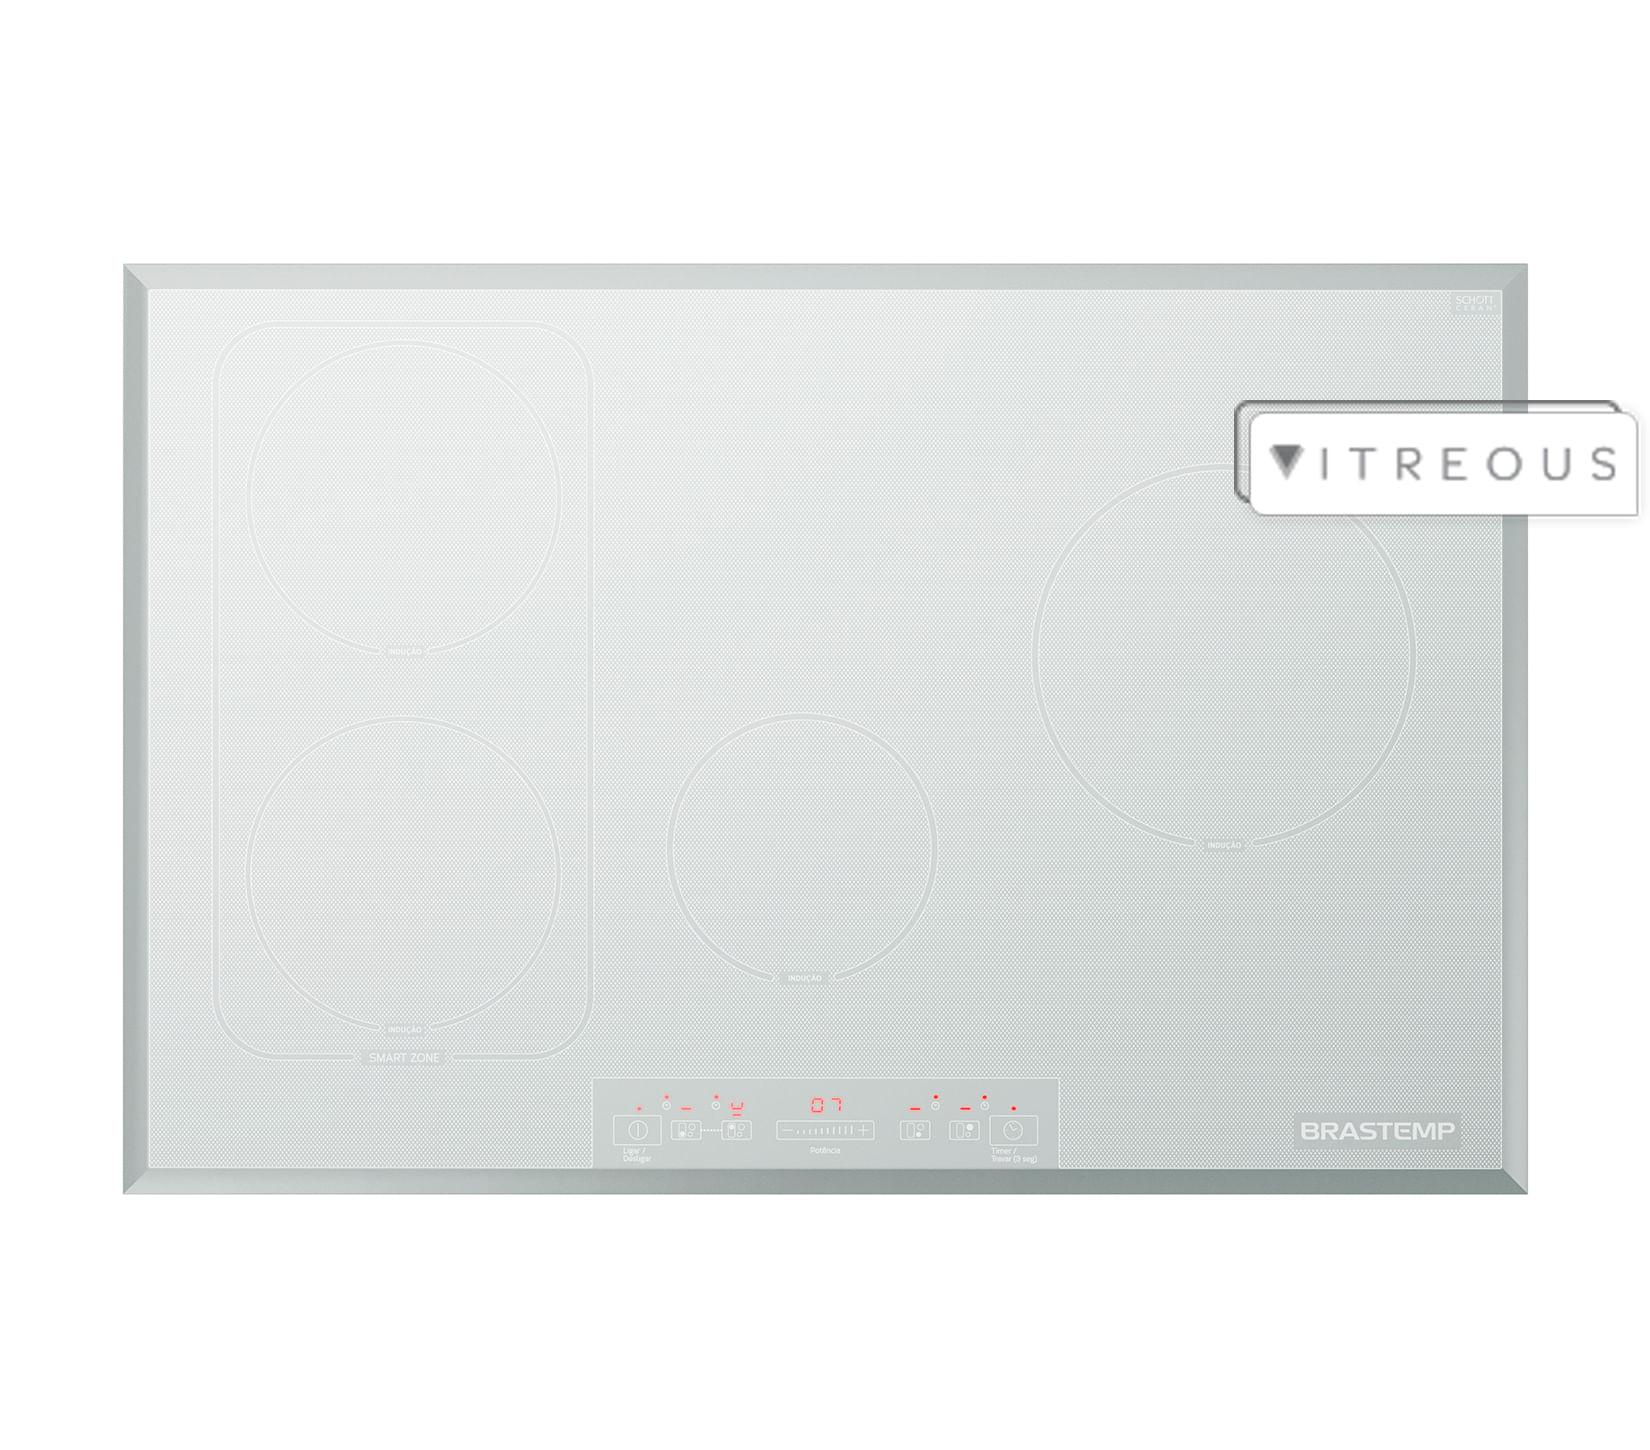 Menor preço em Cooktop 4 bocas de indução Brastemp Branco com smart zone e timer - GDJ77AB